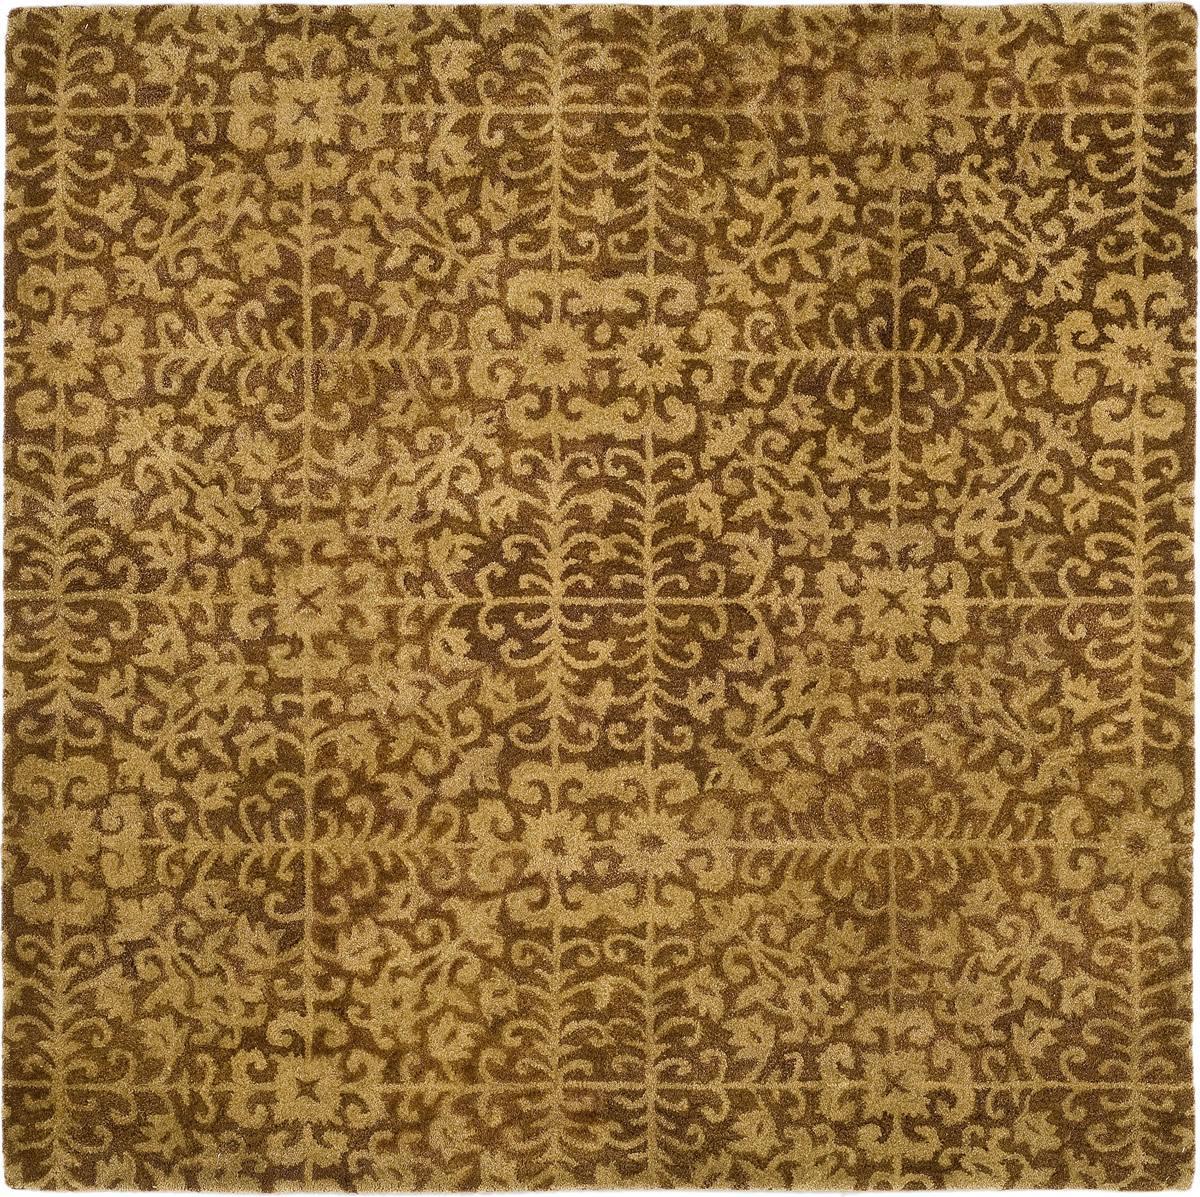 Safavieh Antiquities AT411A Gold Rug - PlushRugs.com